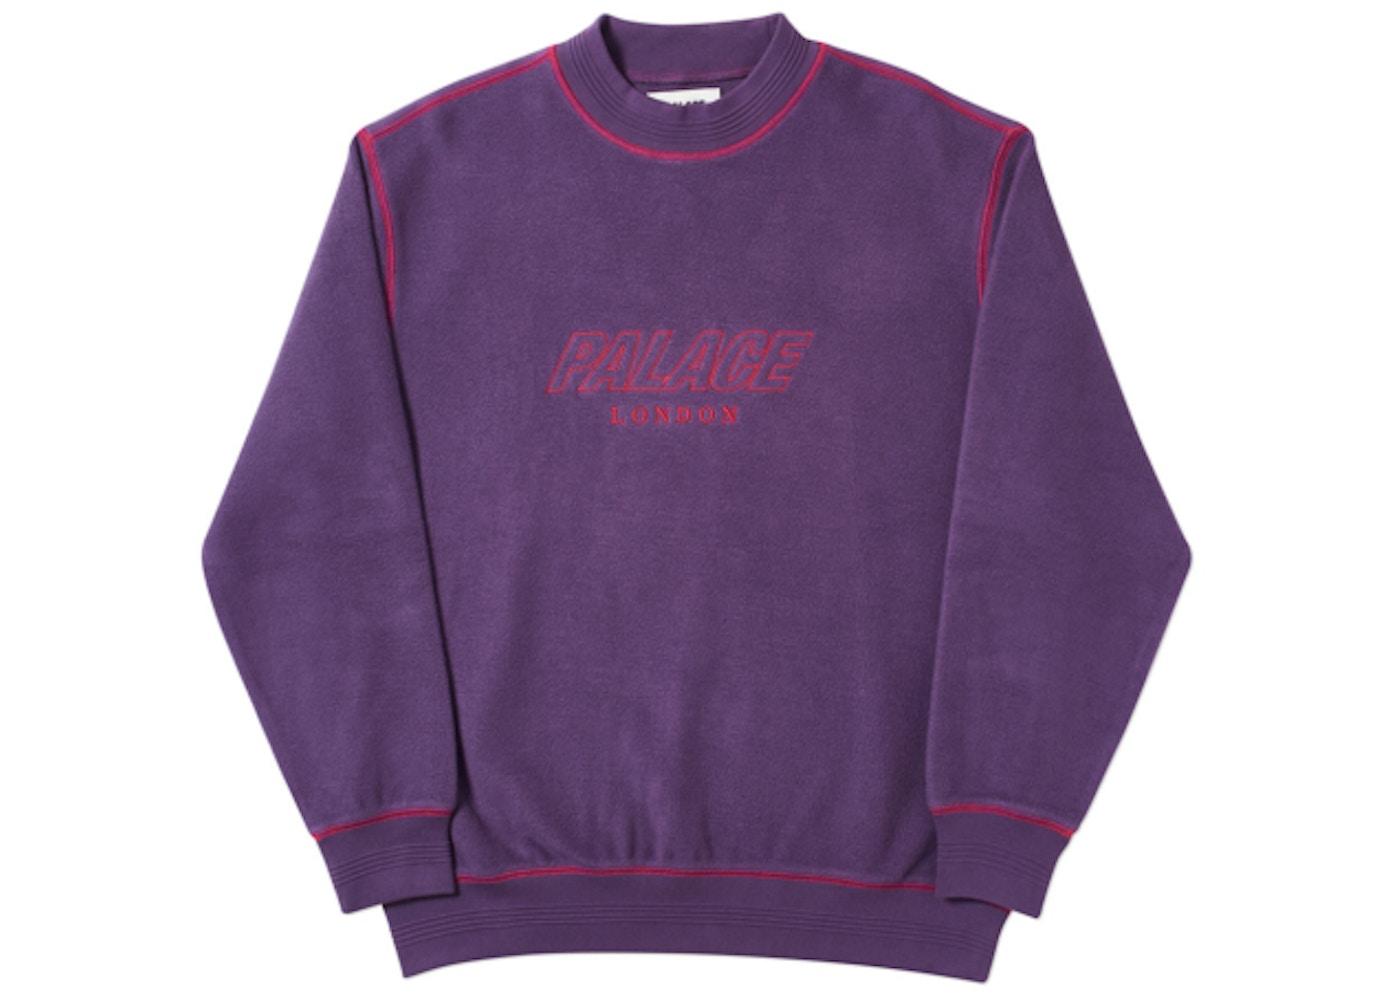 dede961f Streetwear - Palace Tops/Sweatshirts - Release Date